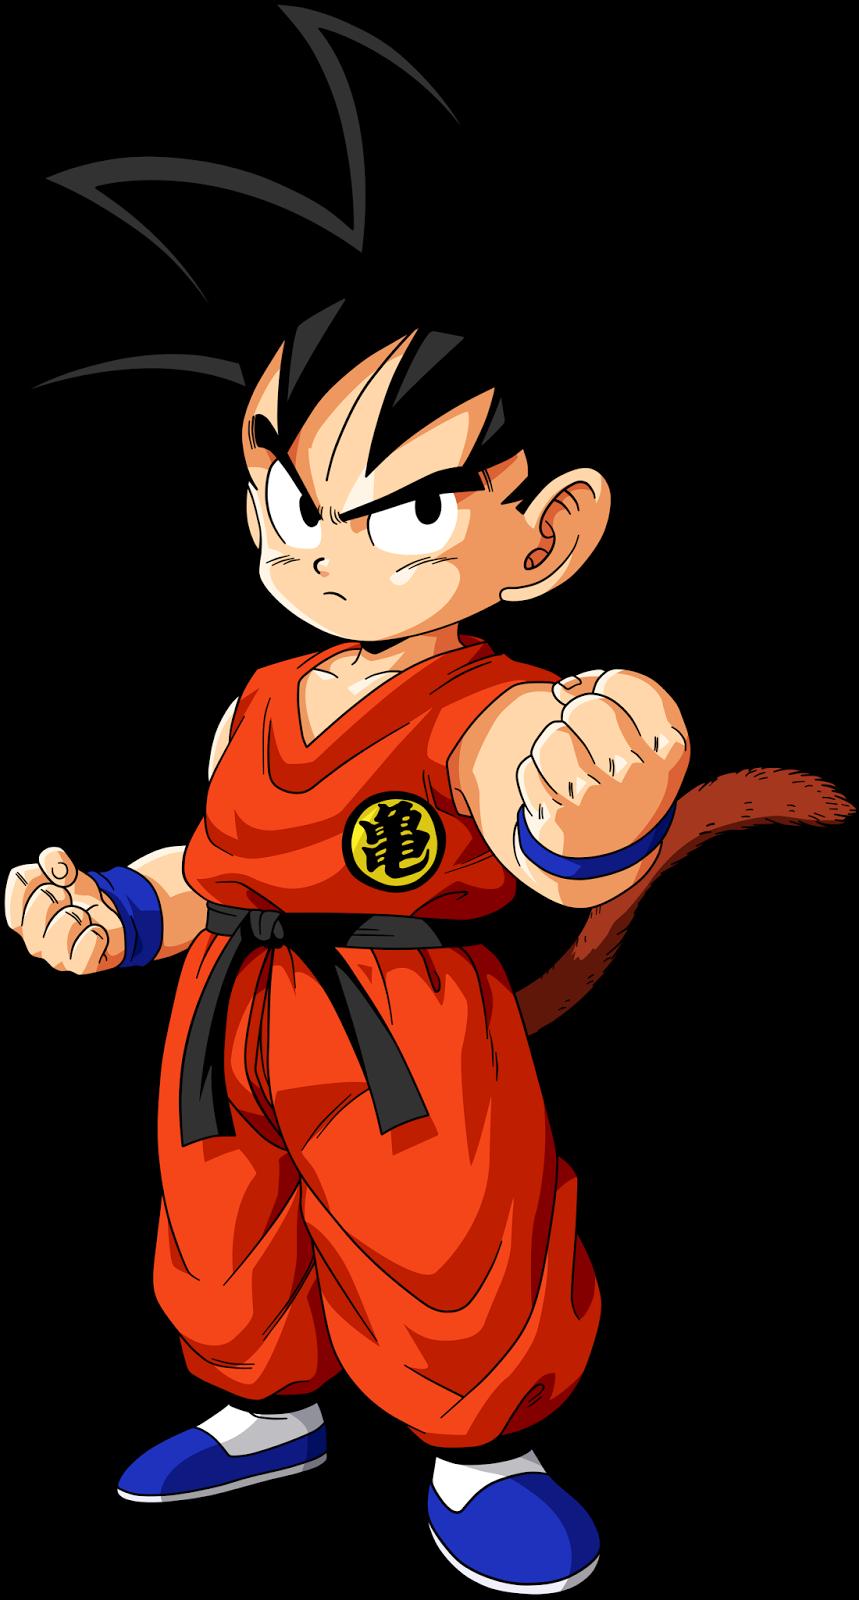 goku es el protagonista de dragon ball